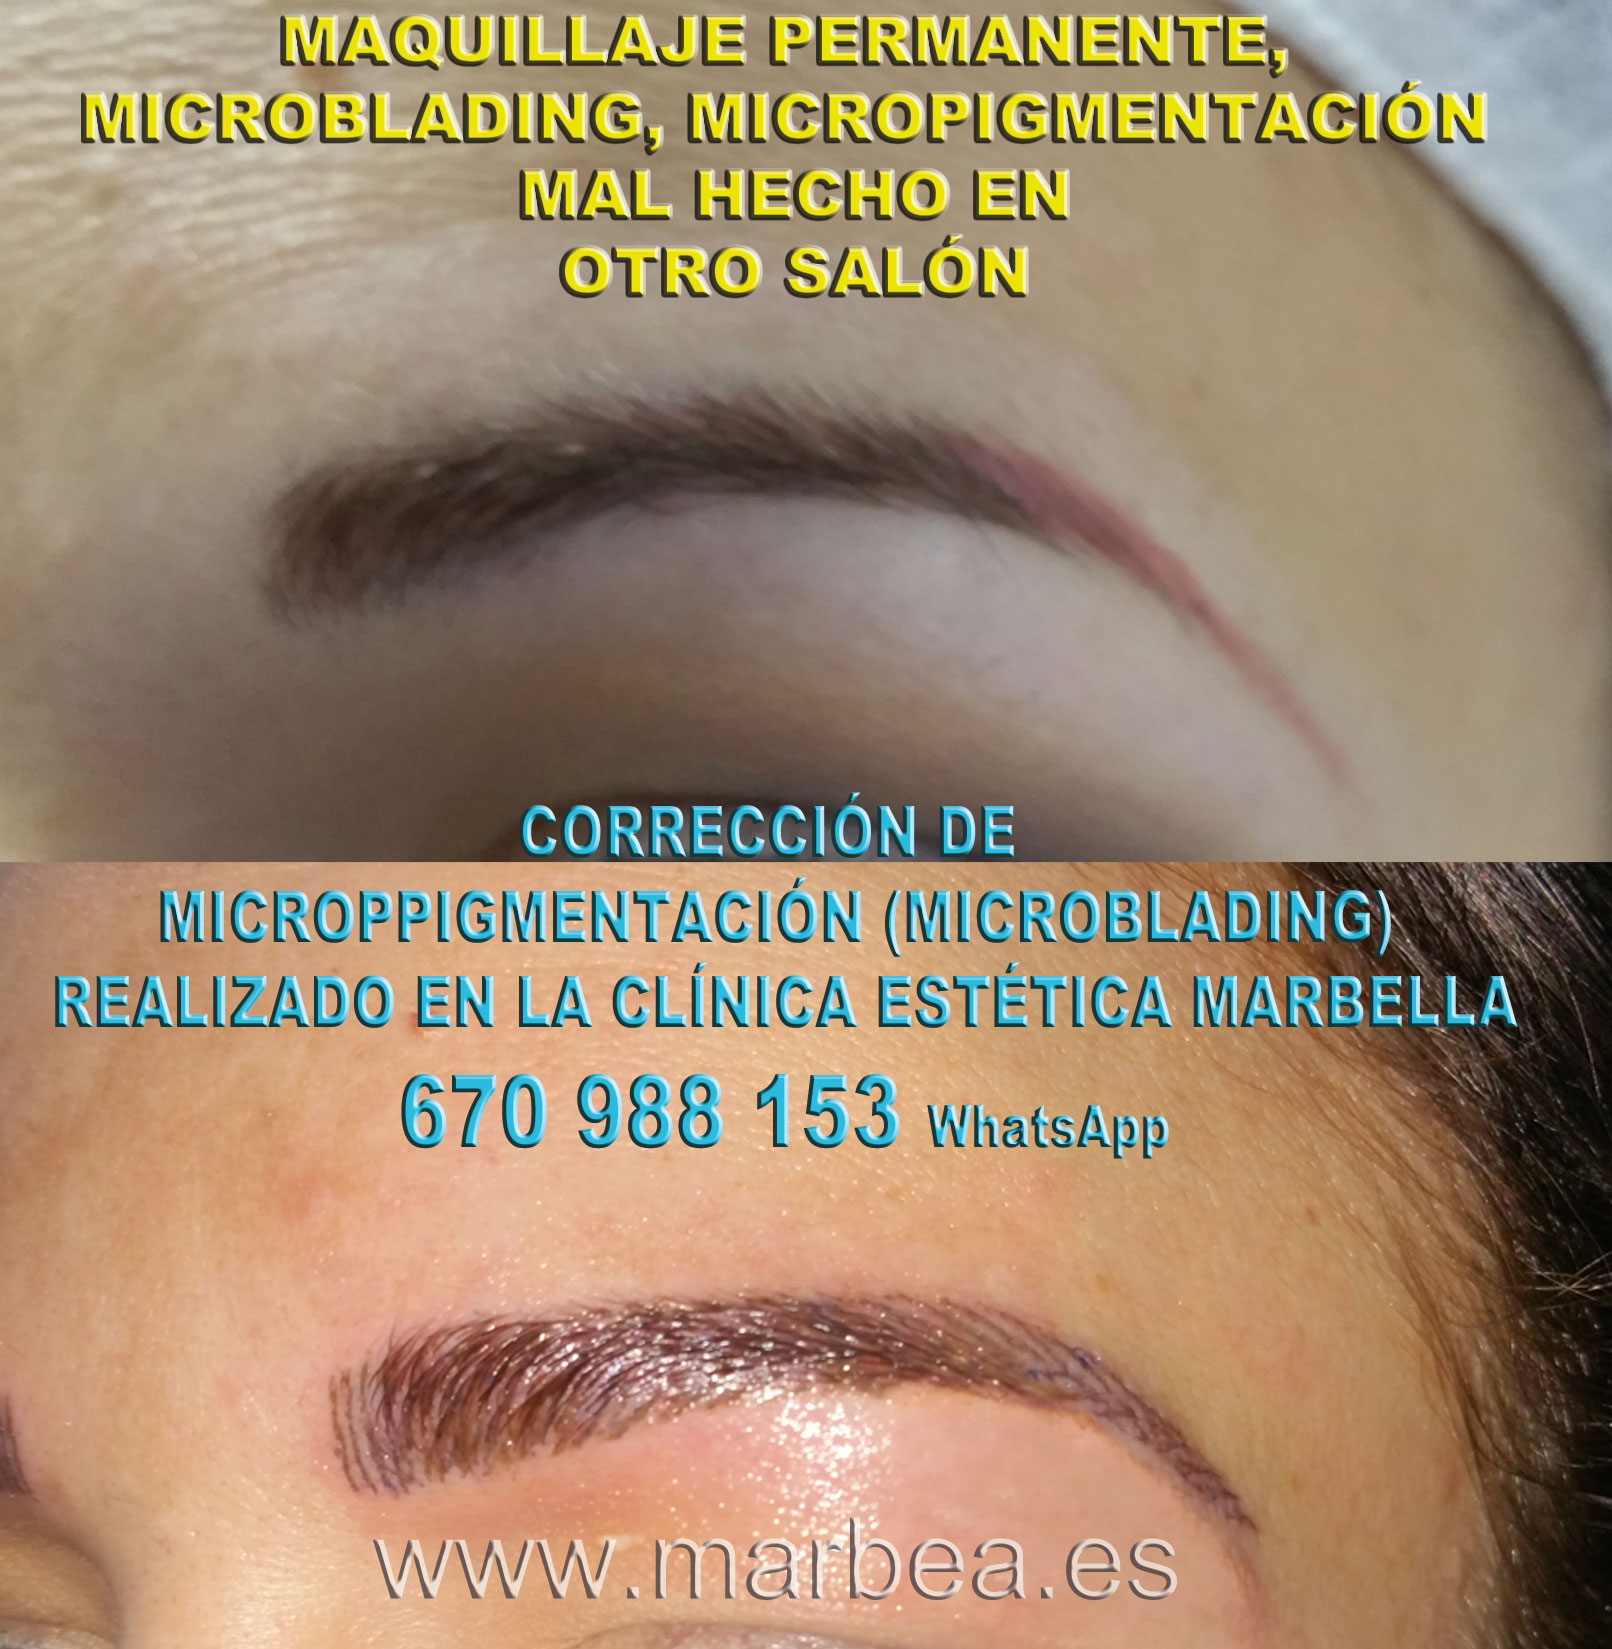 ELIMINAR MICROBLADING CEJAS clínica estética tatuaje ofrece eliminar la micropigmentación de cejas,reparamos microppigmentacion mal hechos